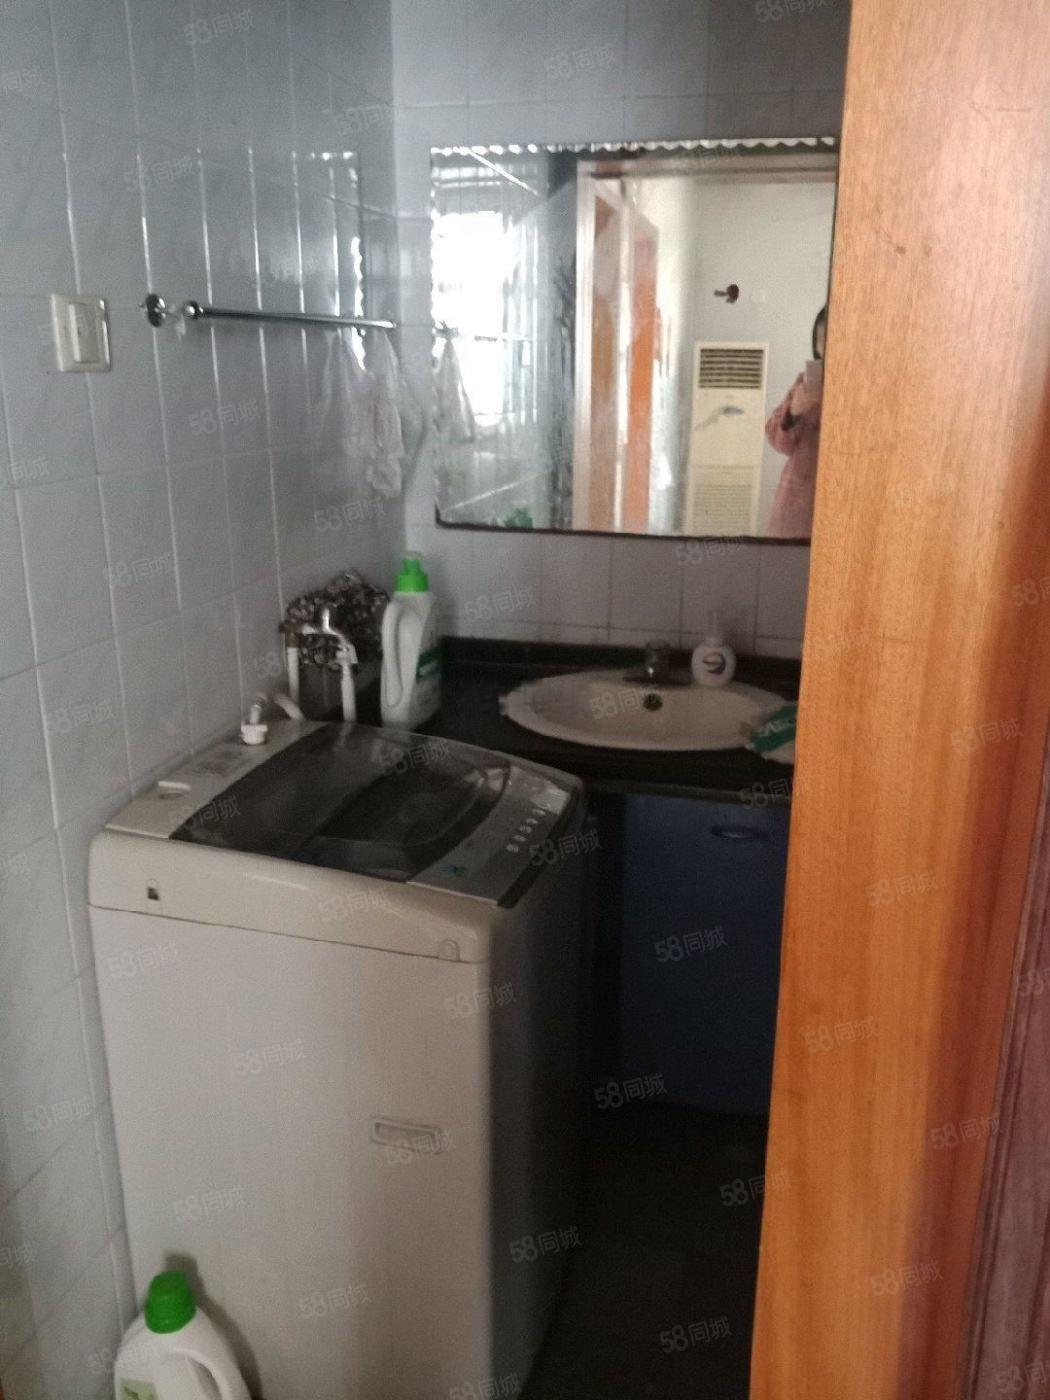 玉泉路口气象局人人乐附近2室1厅1卫家电齐全一层出租